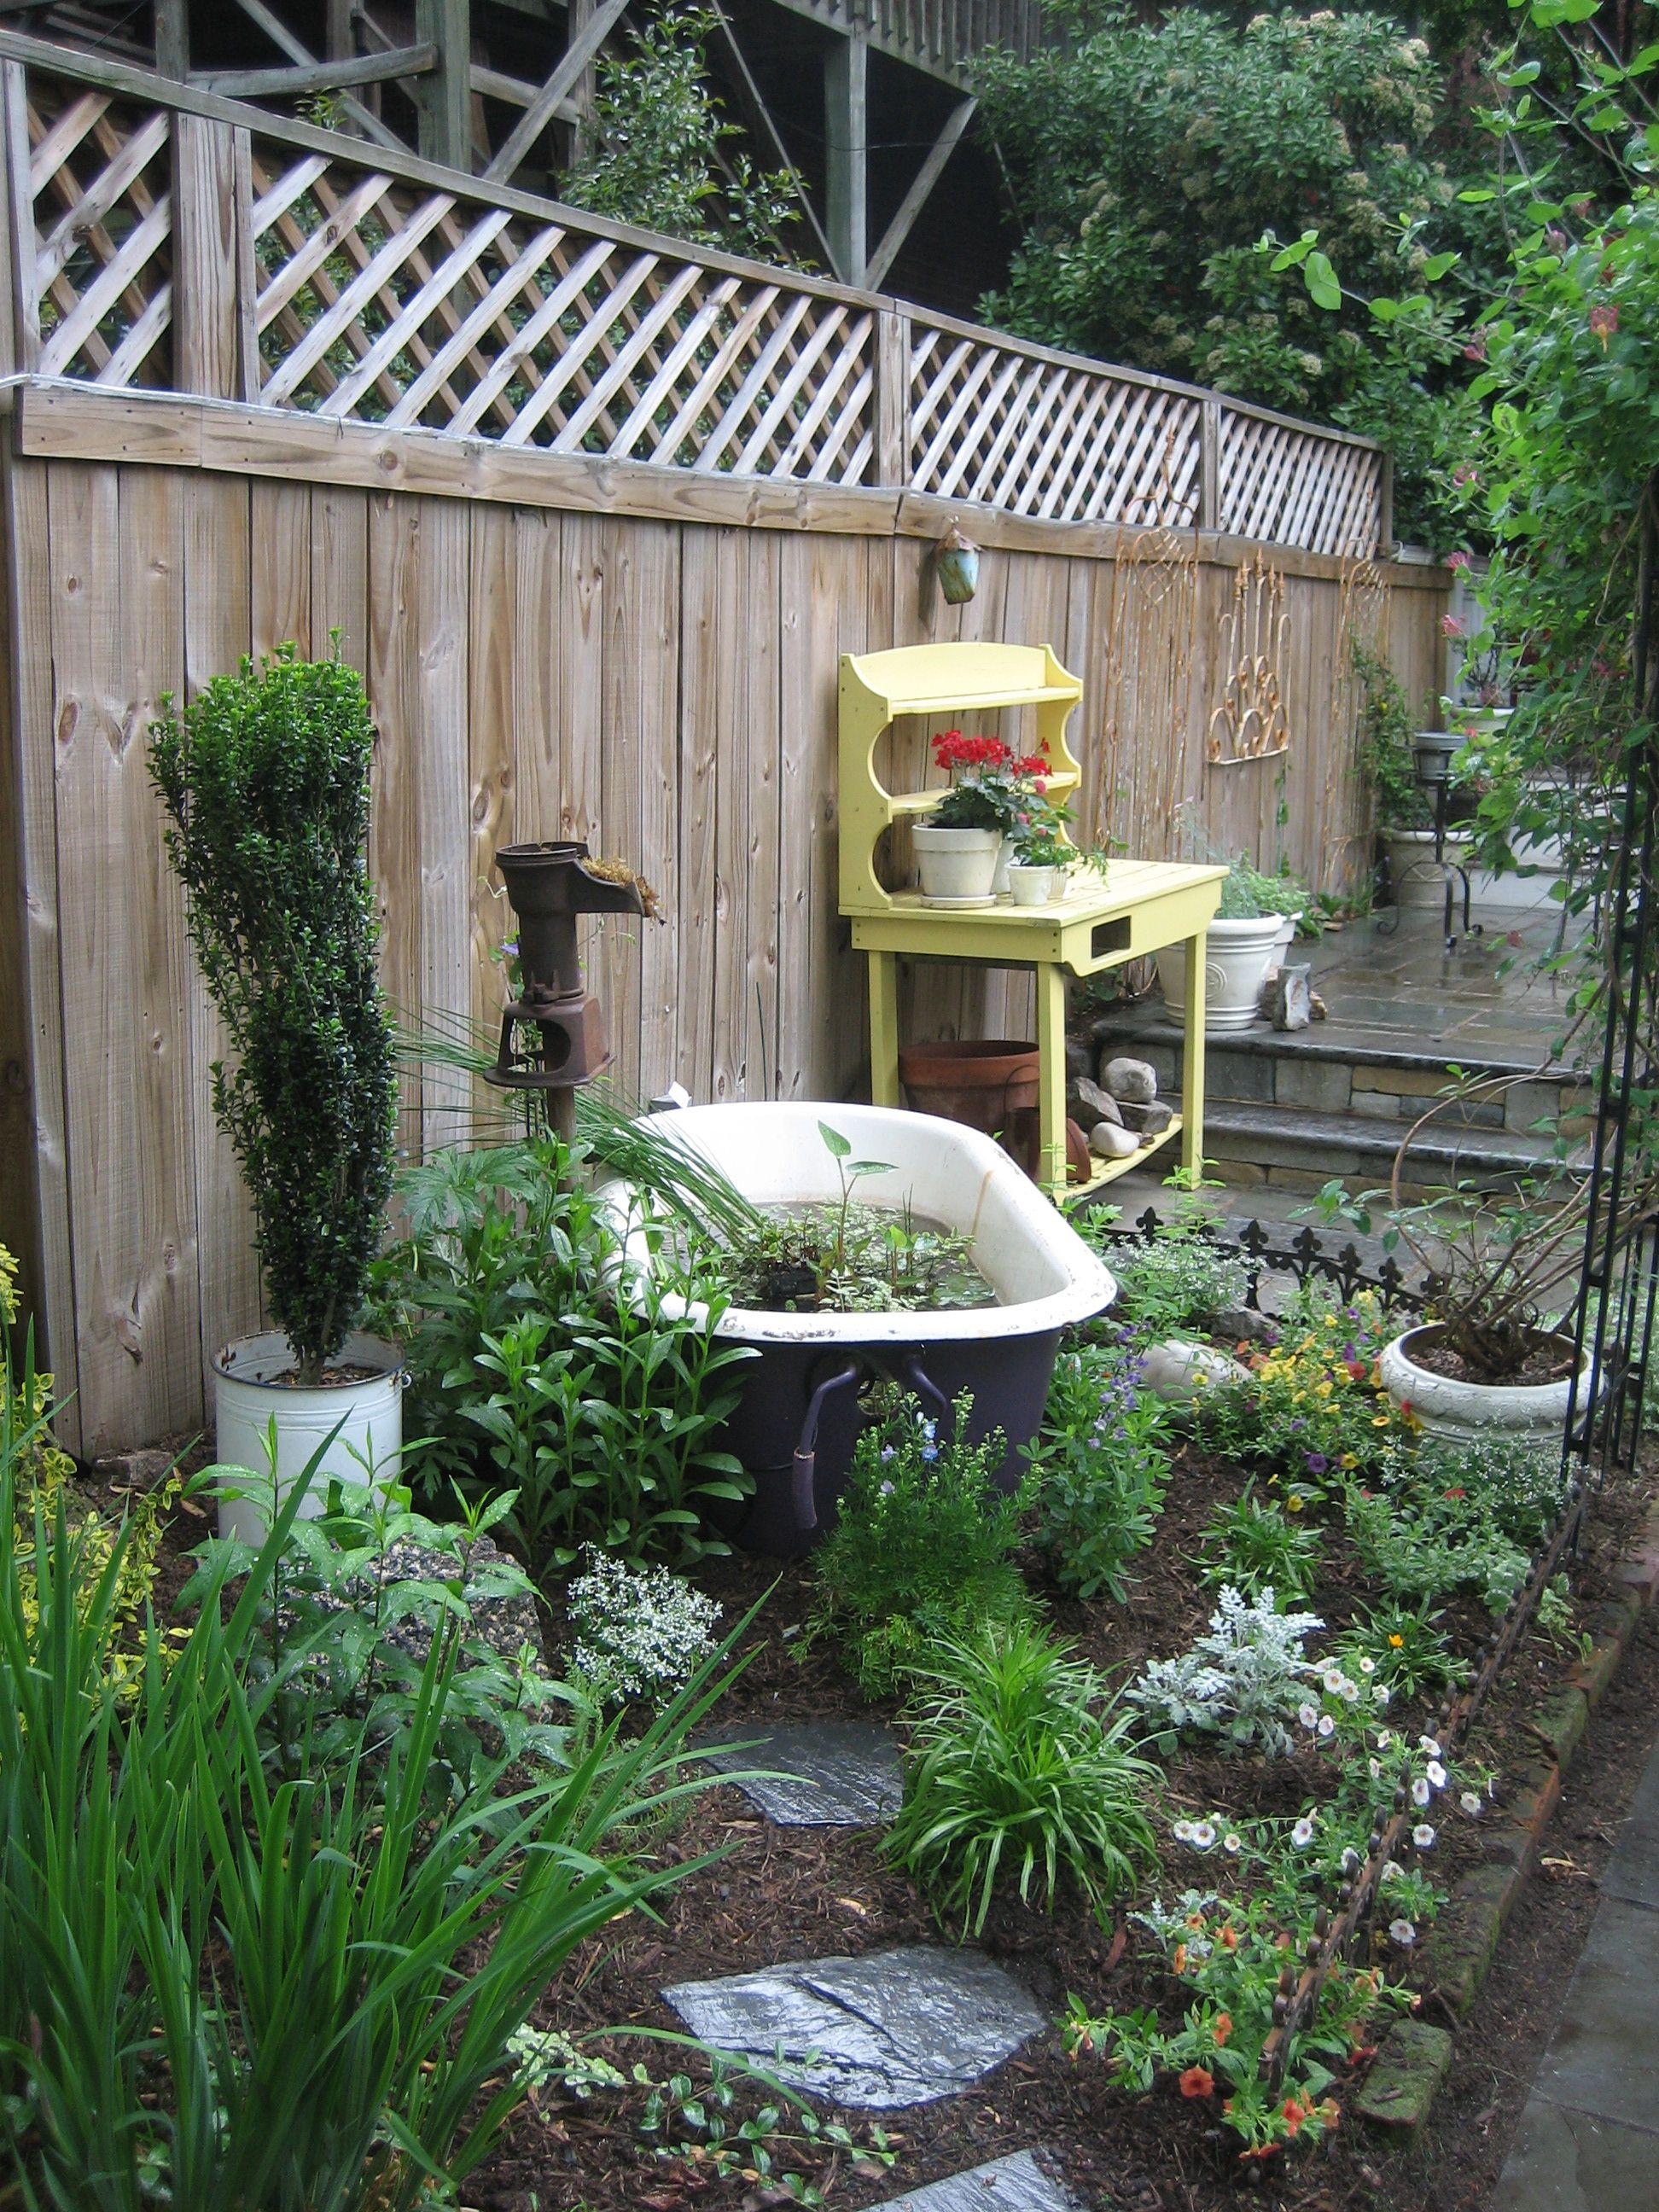 bear claw tub in the garden garten pinterest garten garten ideen und wasser im garten. Black Bedroom Furniture Sets. Home Design Ideas